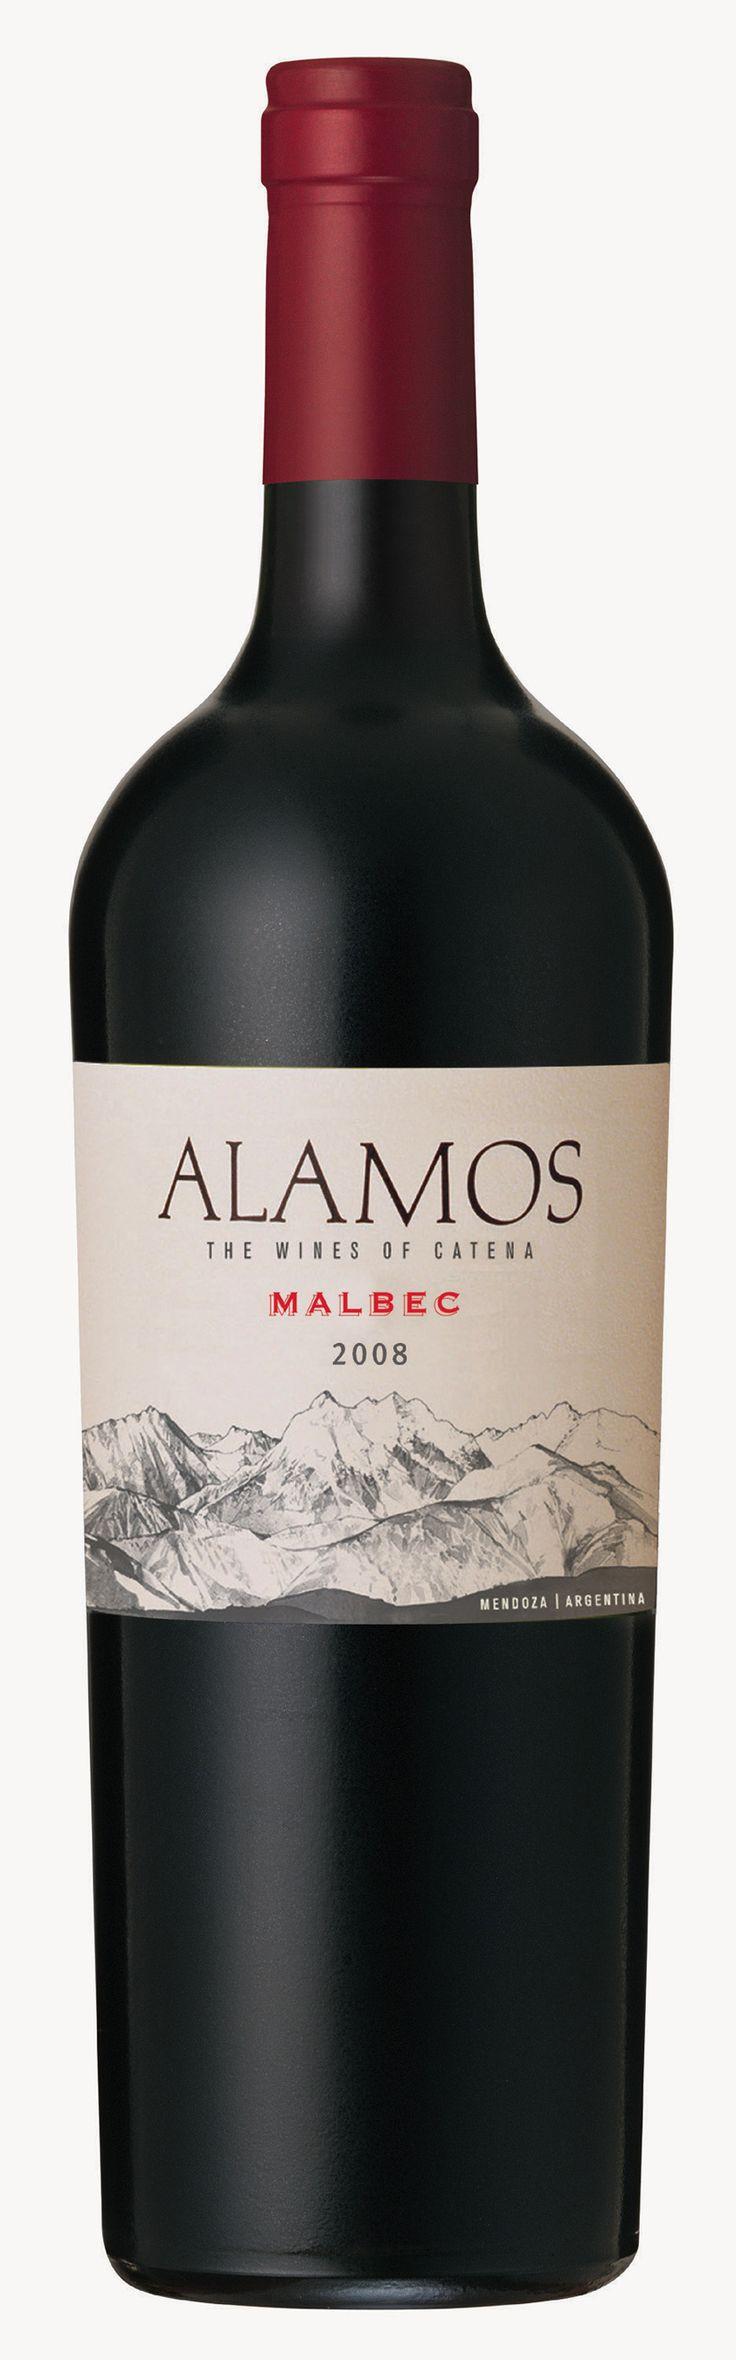 Alamos Malbec, Alamos Winery - Ruta Provincial 92 s/n, Vista Flores, Tunuyán, Mendoza, República Argentina